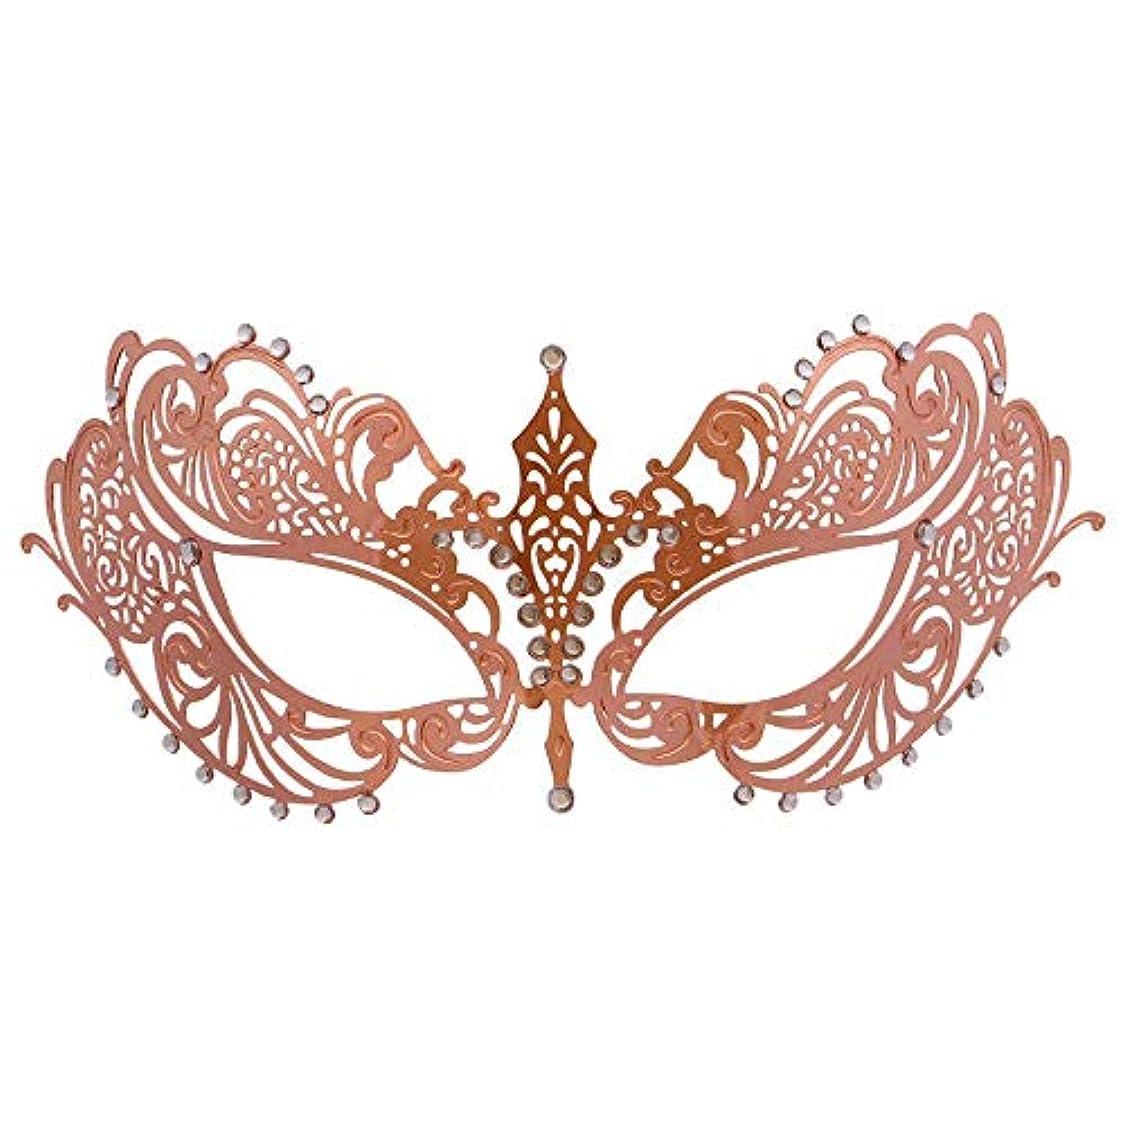 撤回する急性洞察力ダンスマスク 薄い鉄ハーフフェイスローズゴールド鉄ダイヤモンドハイエンドマスクハーフフェイスマスクコスプレパーティーハロウィンマスク パーティーマスク (色 : Rose gold, サイズ : 19x8cm)